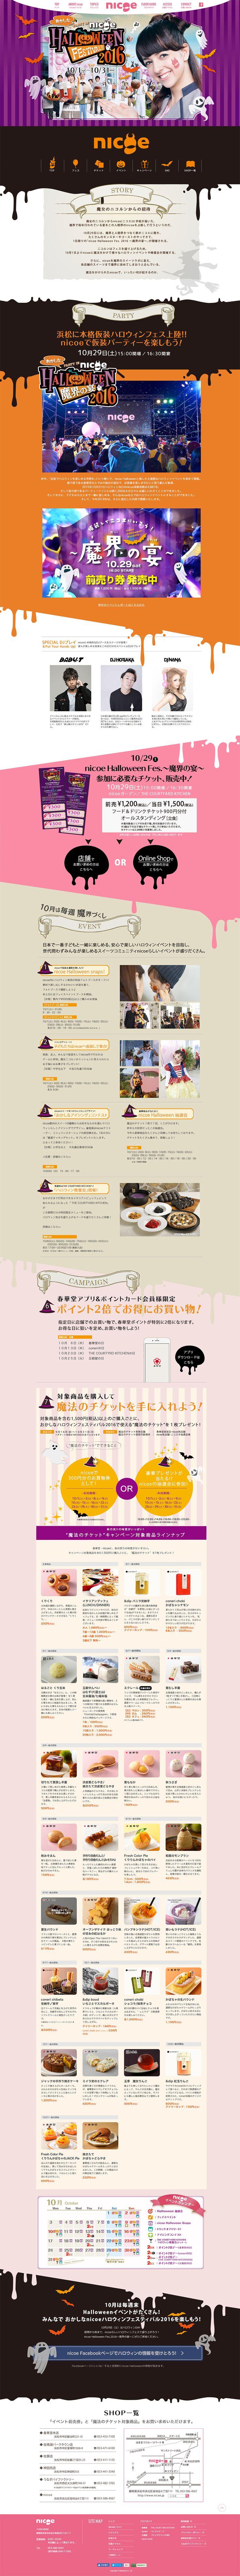 おかしなnicoeハロウィンフェスティバル2016【食品関連】のLPデザイン。WEBデザイナーさん必見!ランディングページのデザイン参考に(かわいい系)